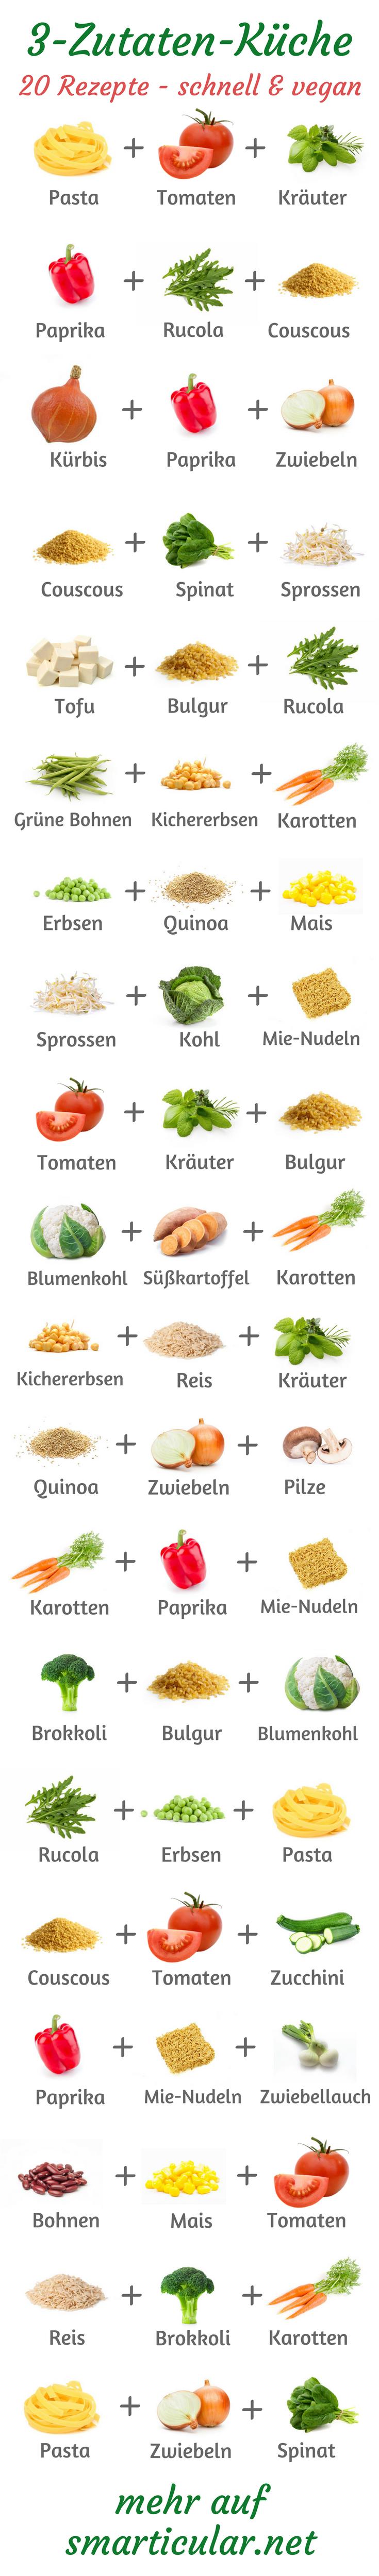 Vegane Drei-Zutaten-Küche: Schnelle, gesunde Gerichte mit 3 Zutaten #veganerezeptemittag